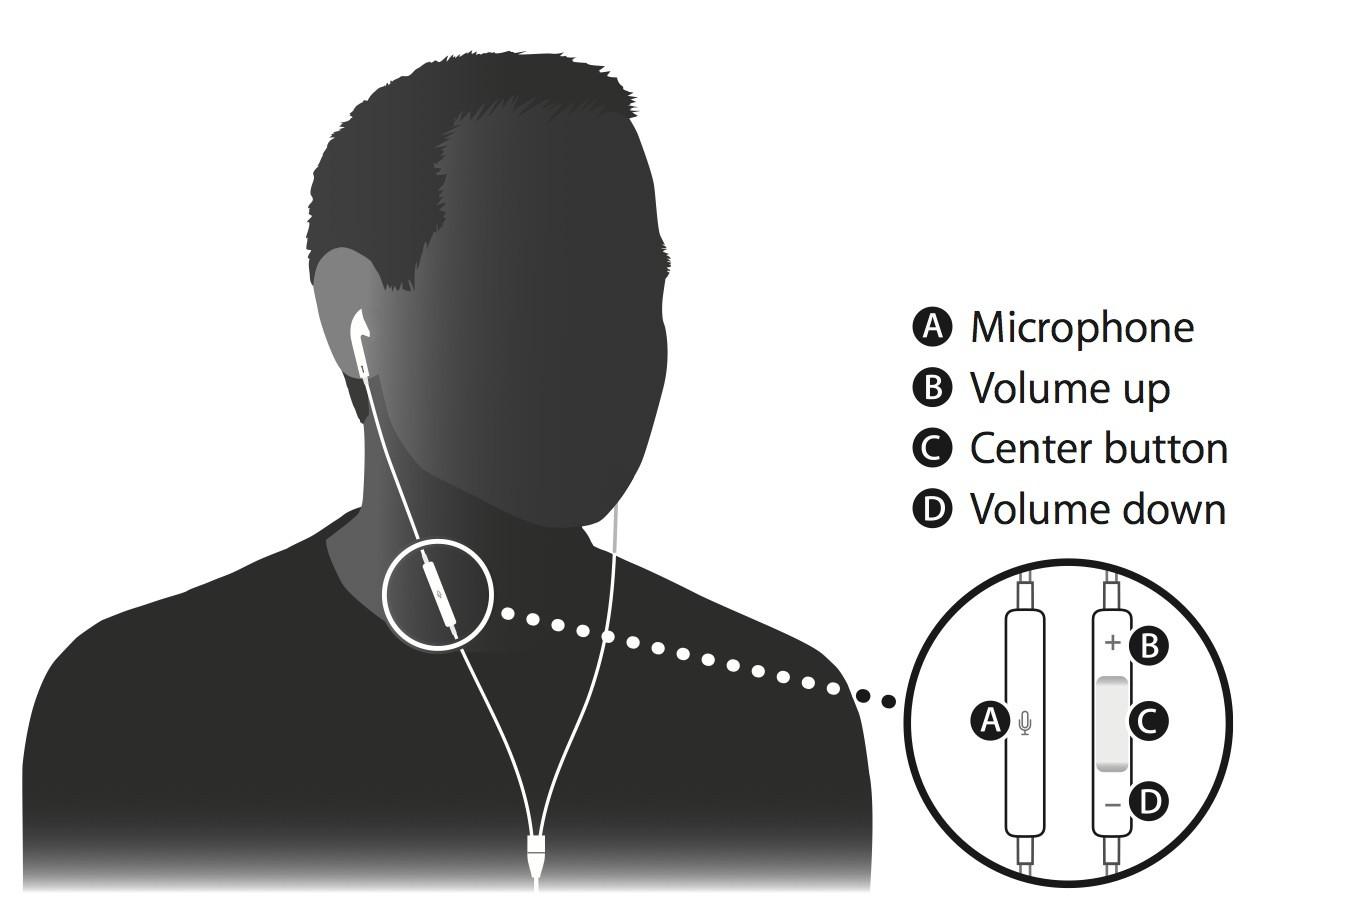 tutoriel earpods ecouteur [TUTO] Tout savoir sur les écouteurs dApple Earpods !